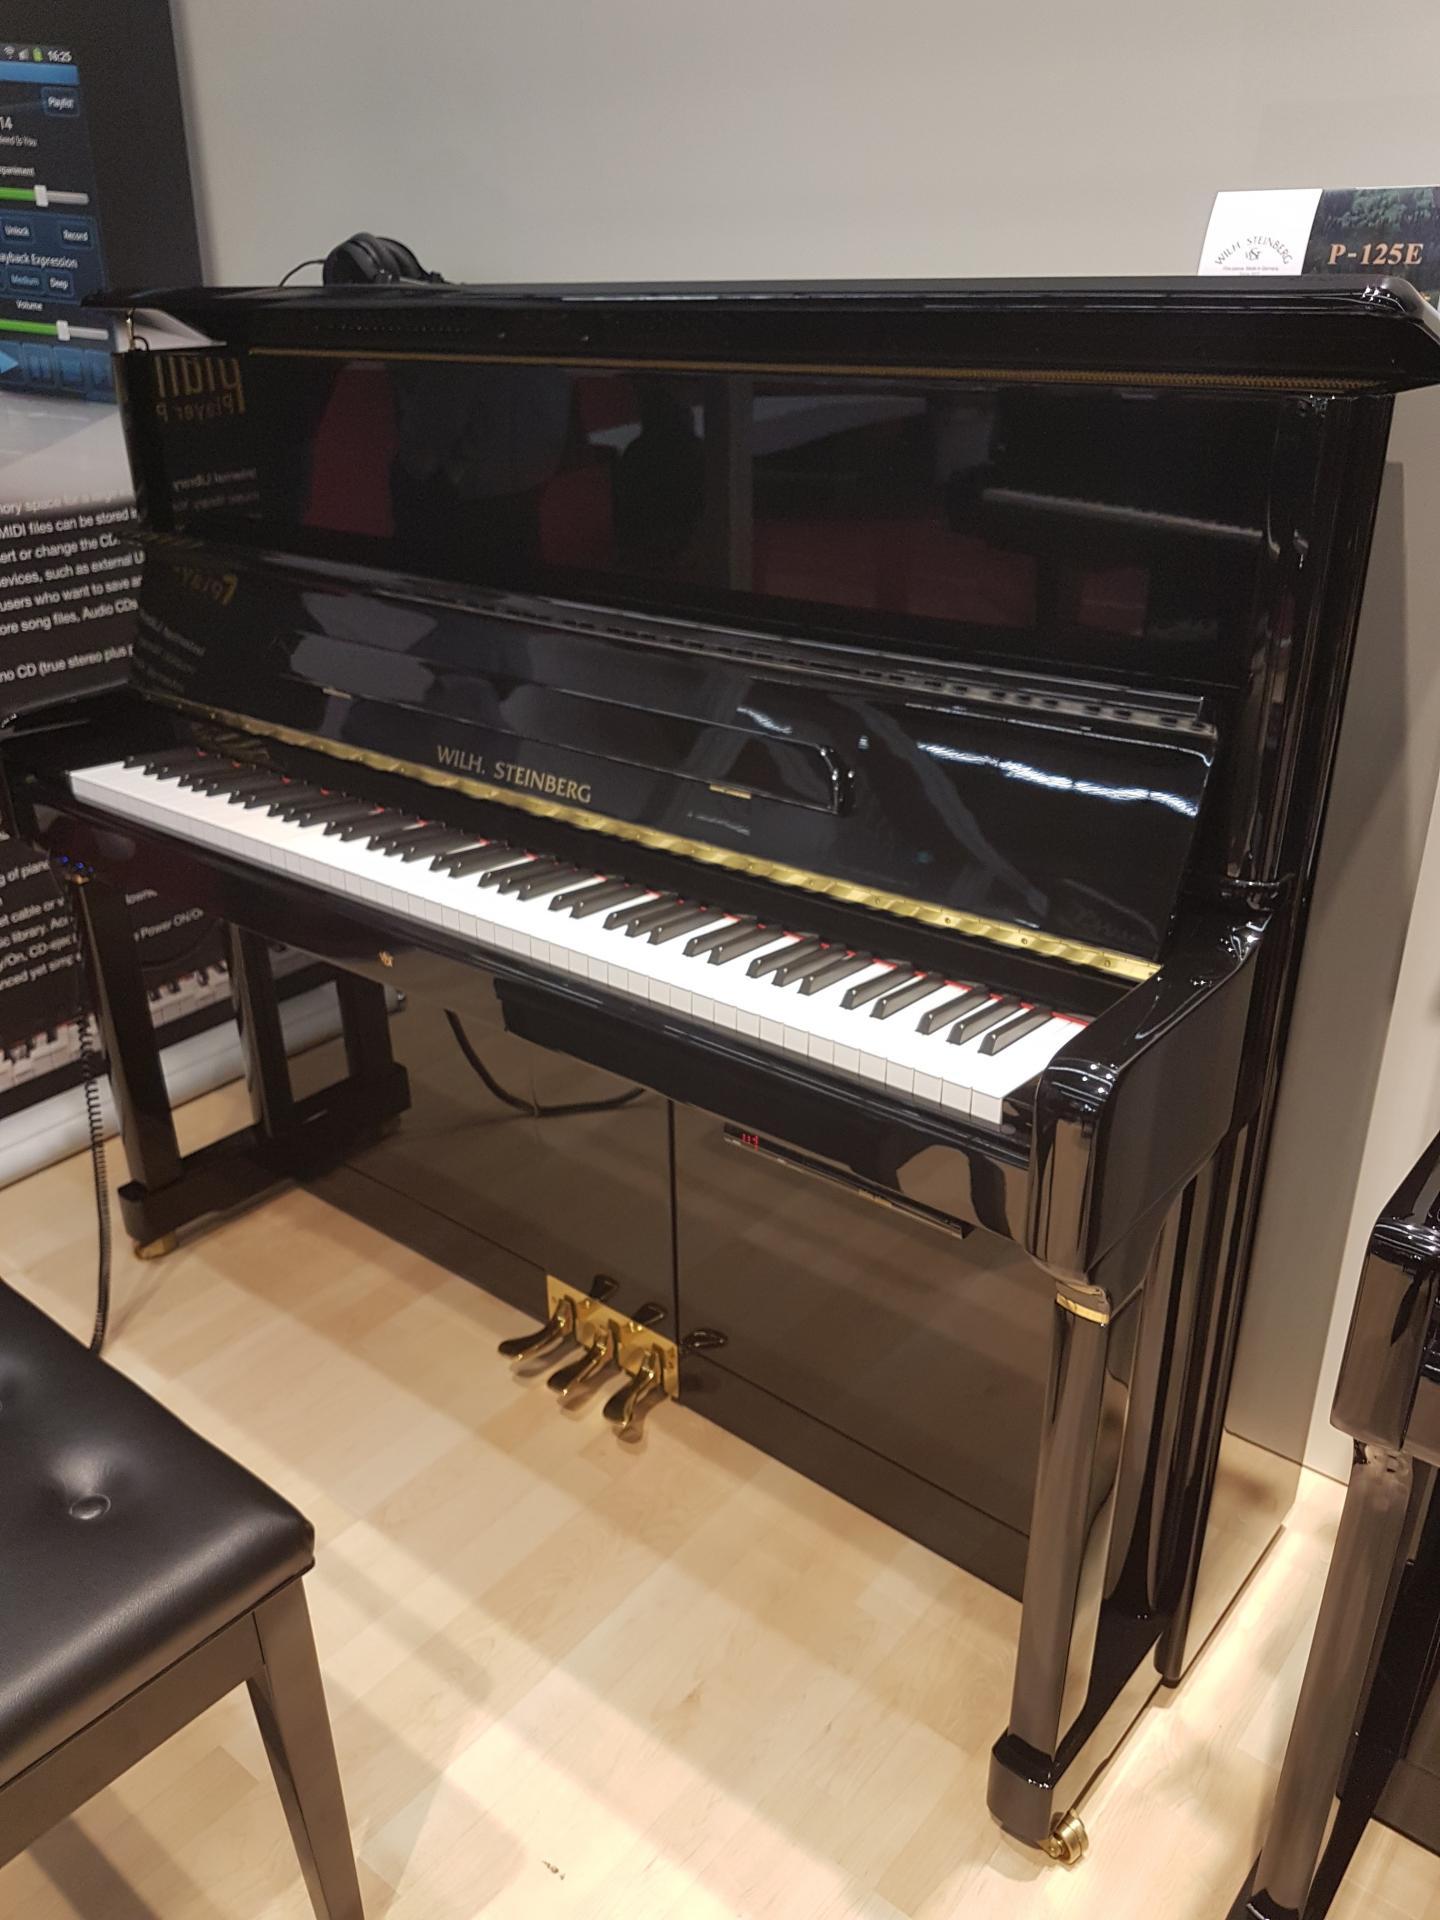 P125e 4